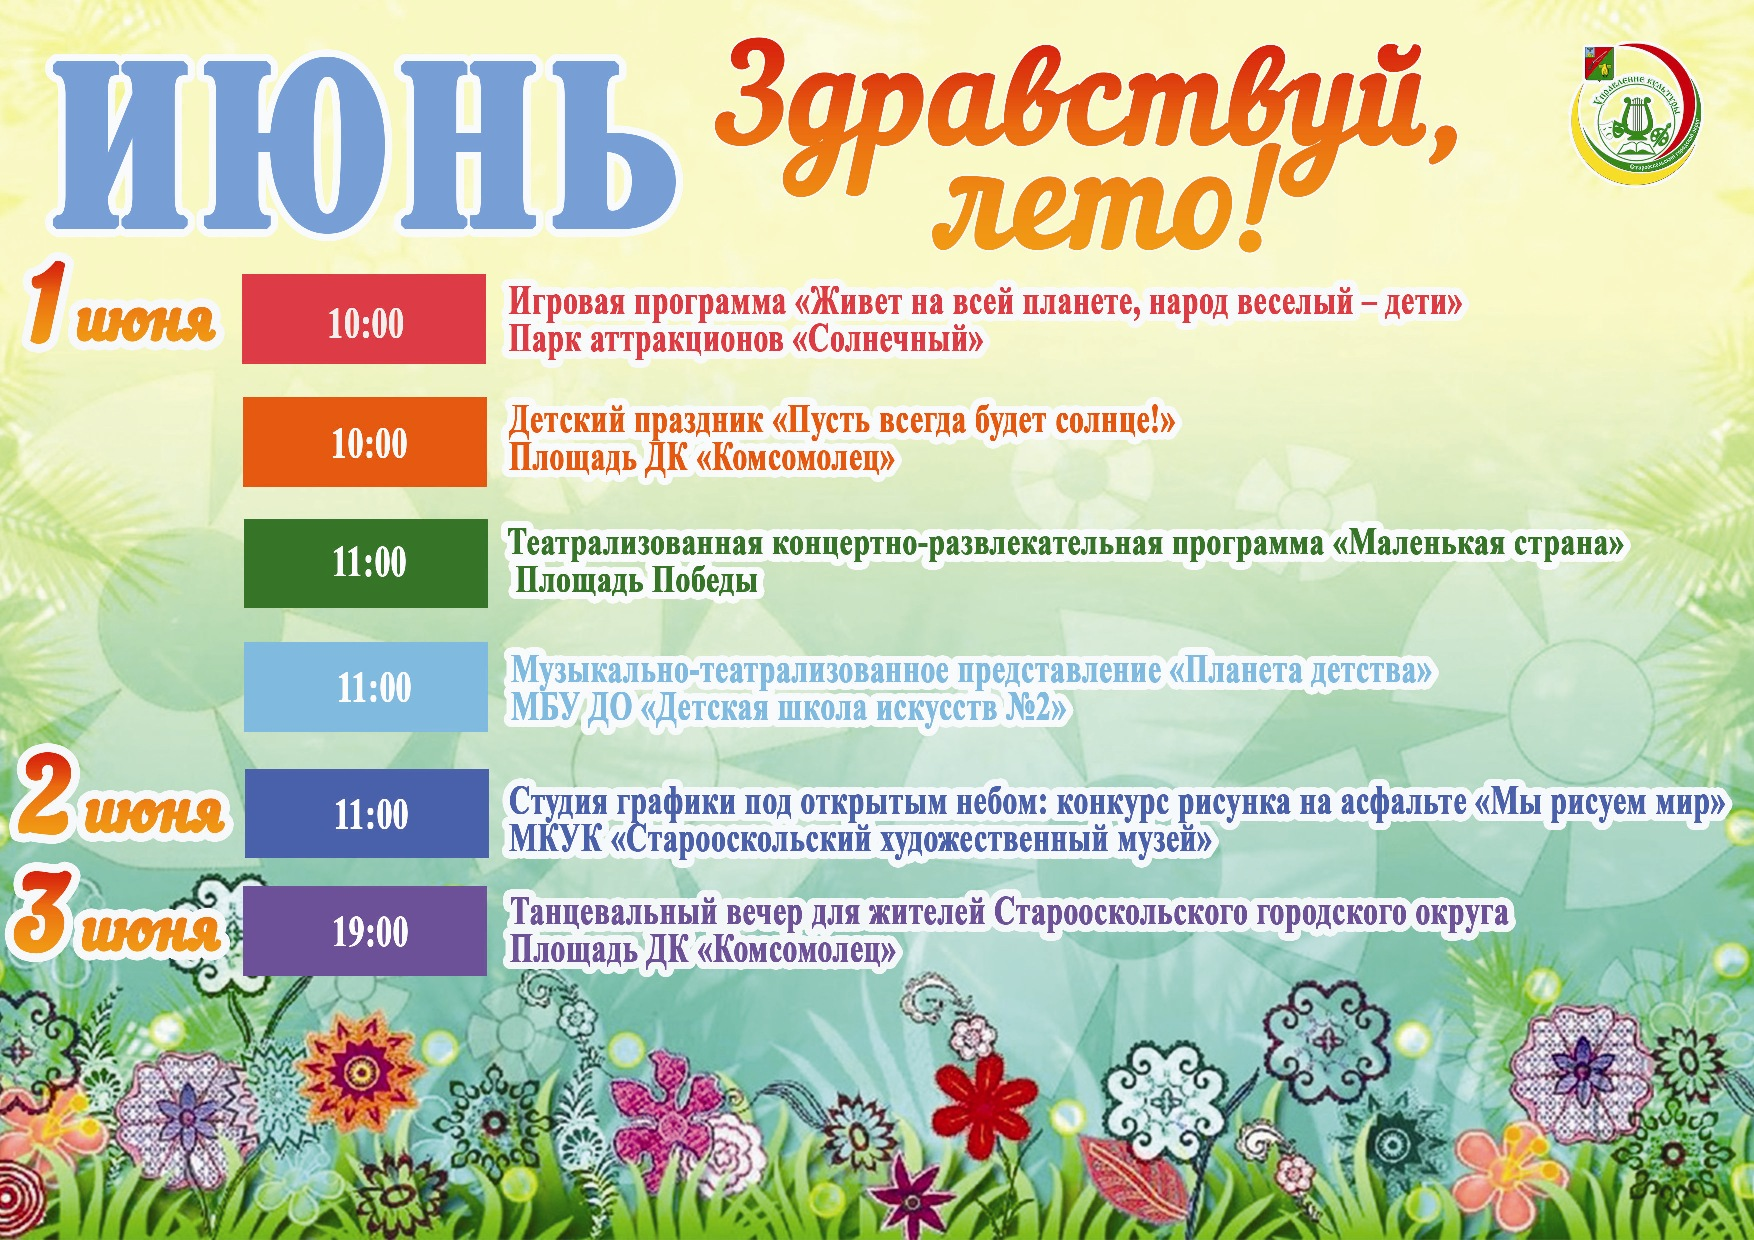 Мероприятия с 1 по 3 июня